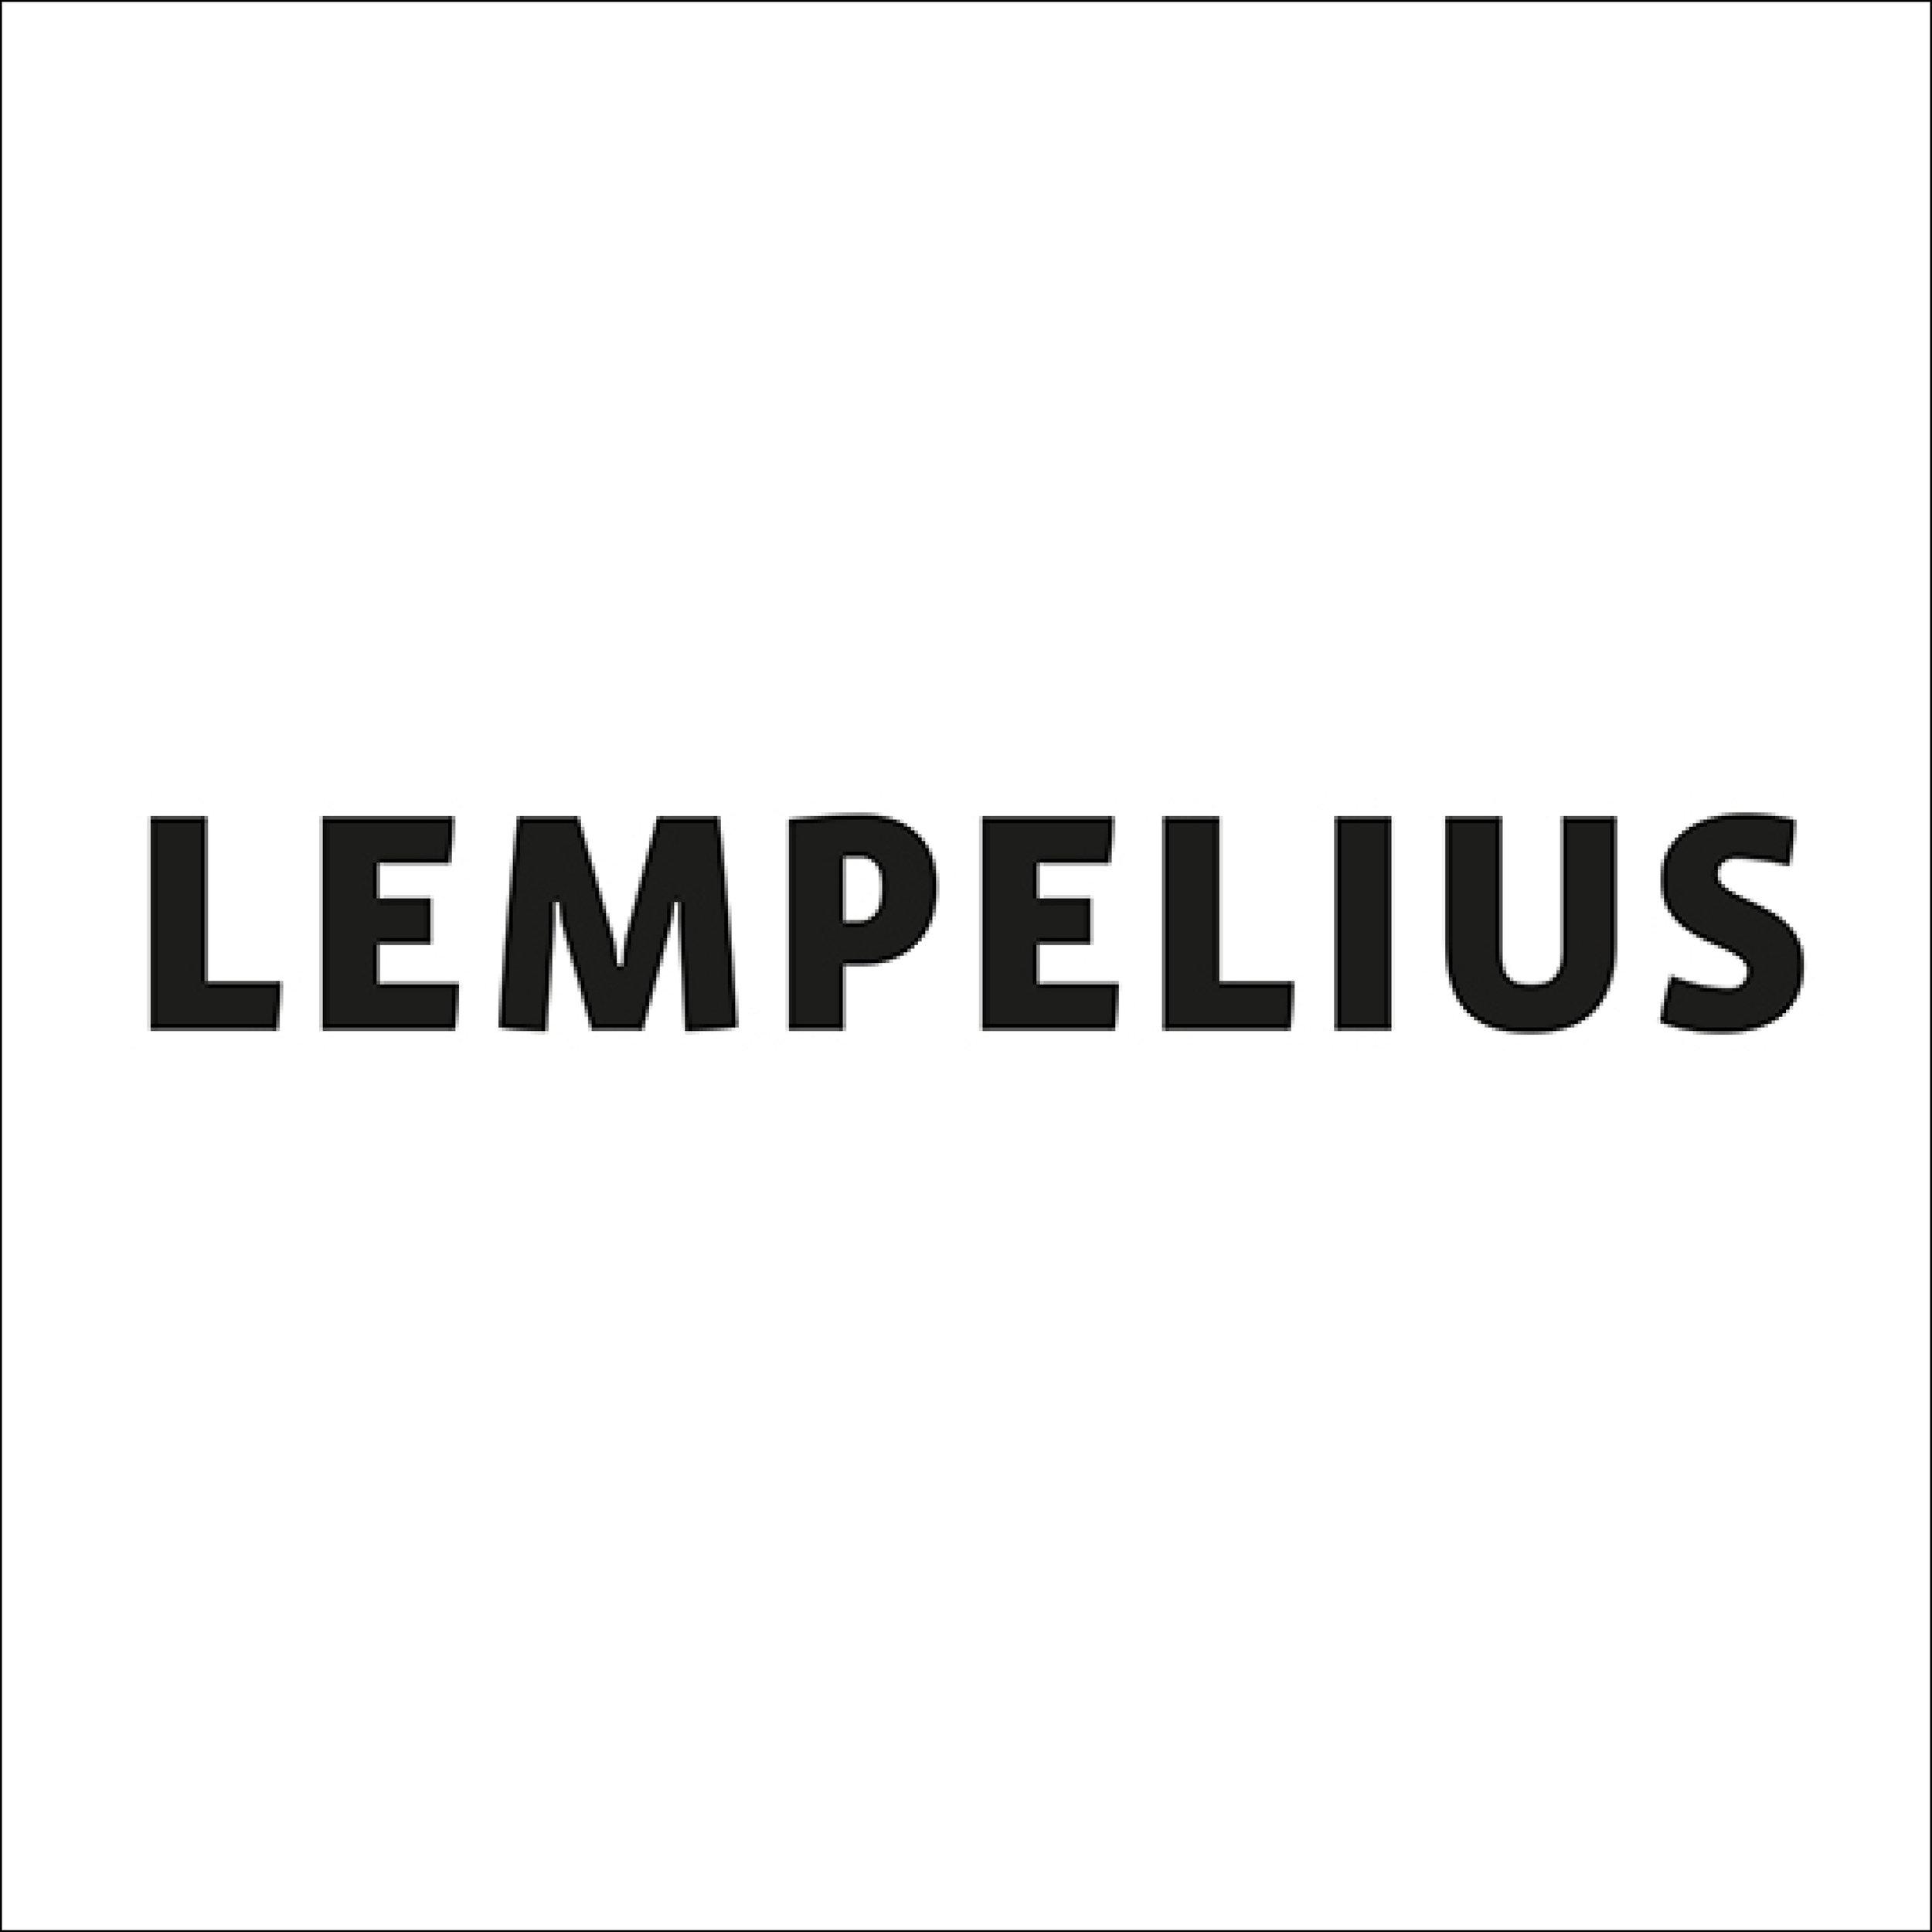 lempelius2.jpg